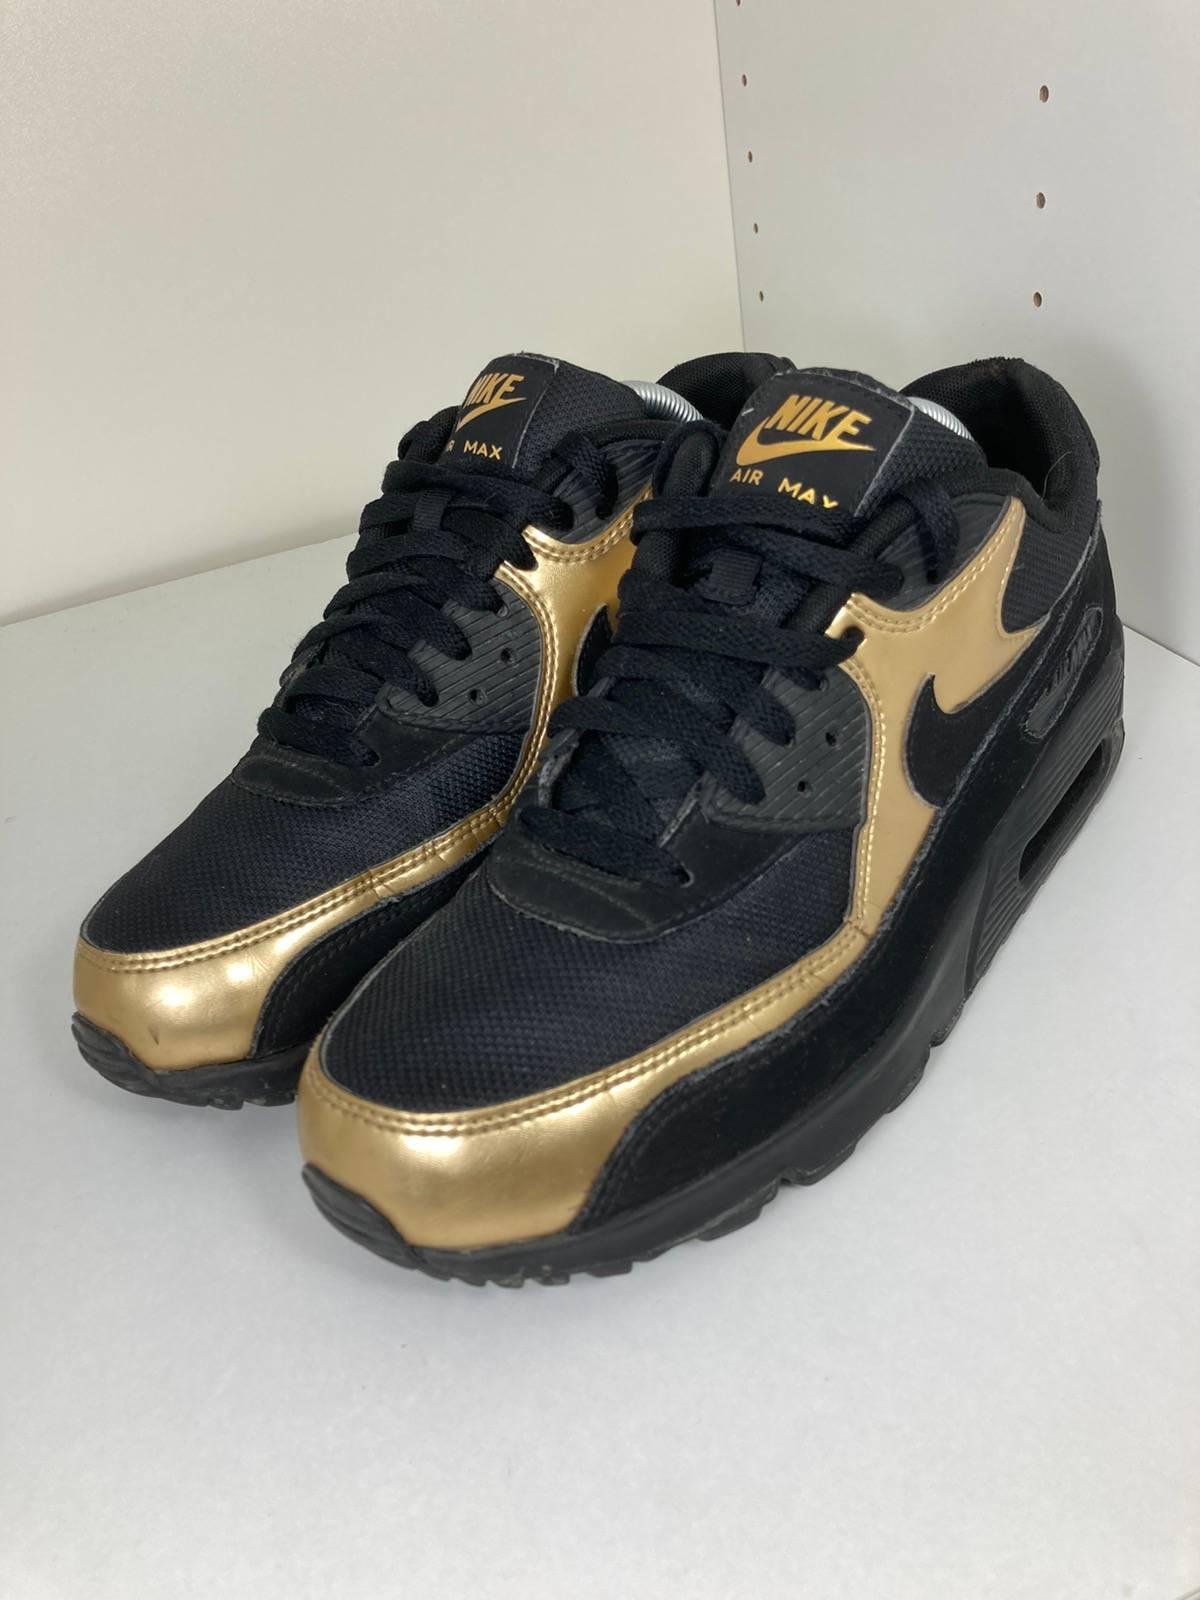 Nike Air max 90 essential gold dunk Jordan Tn sb sacai bait clot